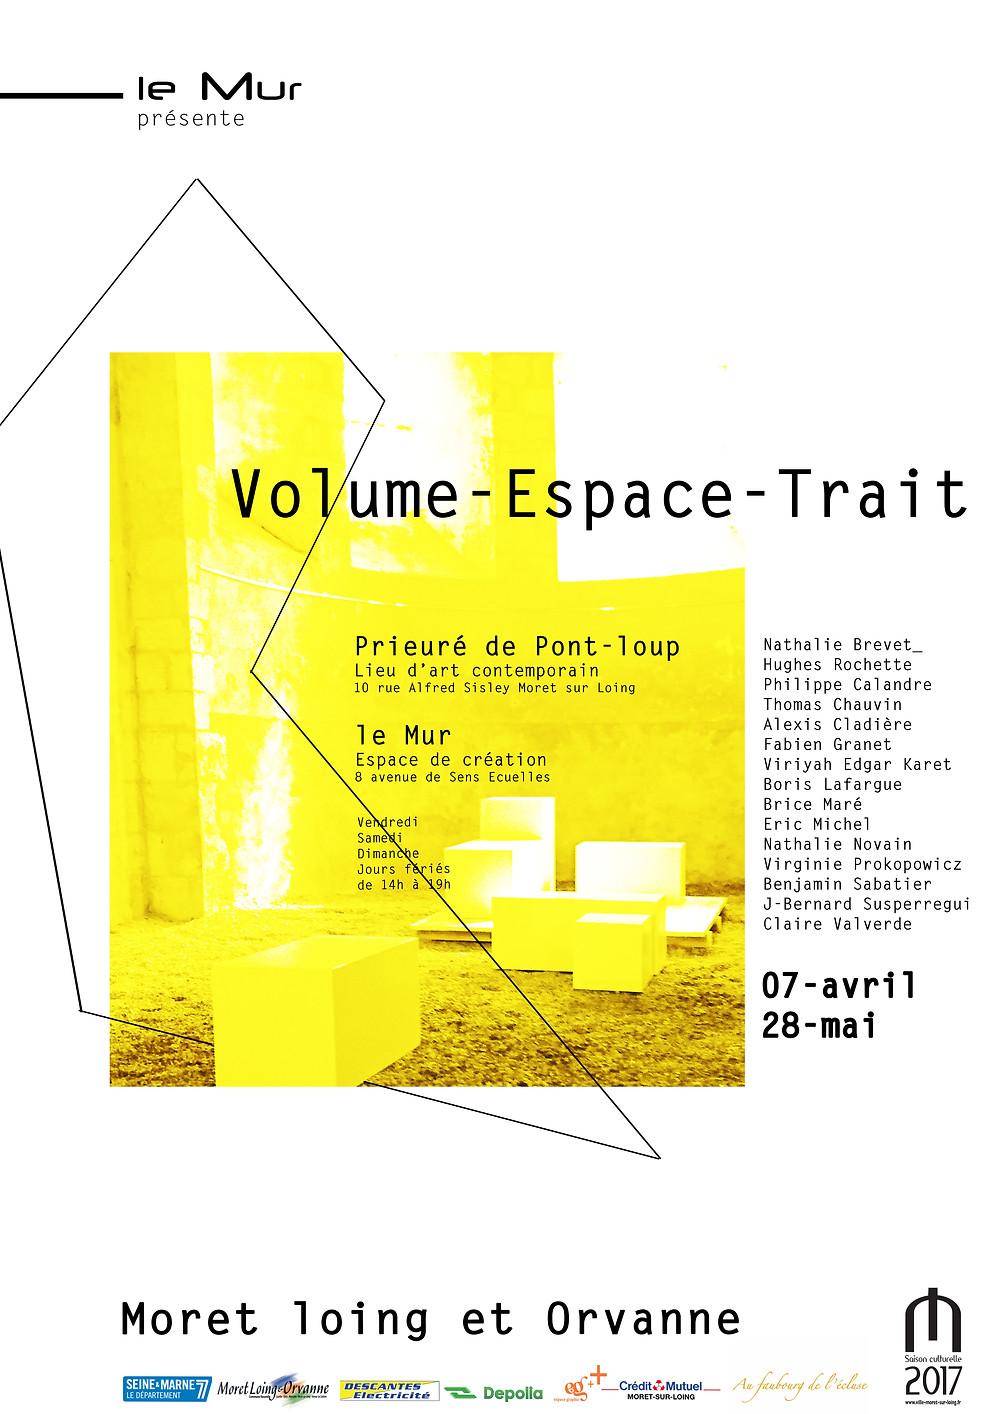 affiche volume-espace-trait exposition